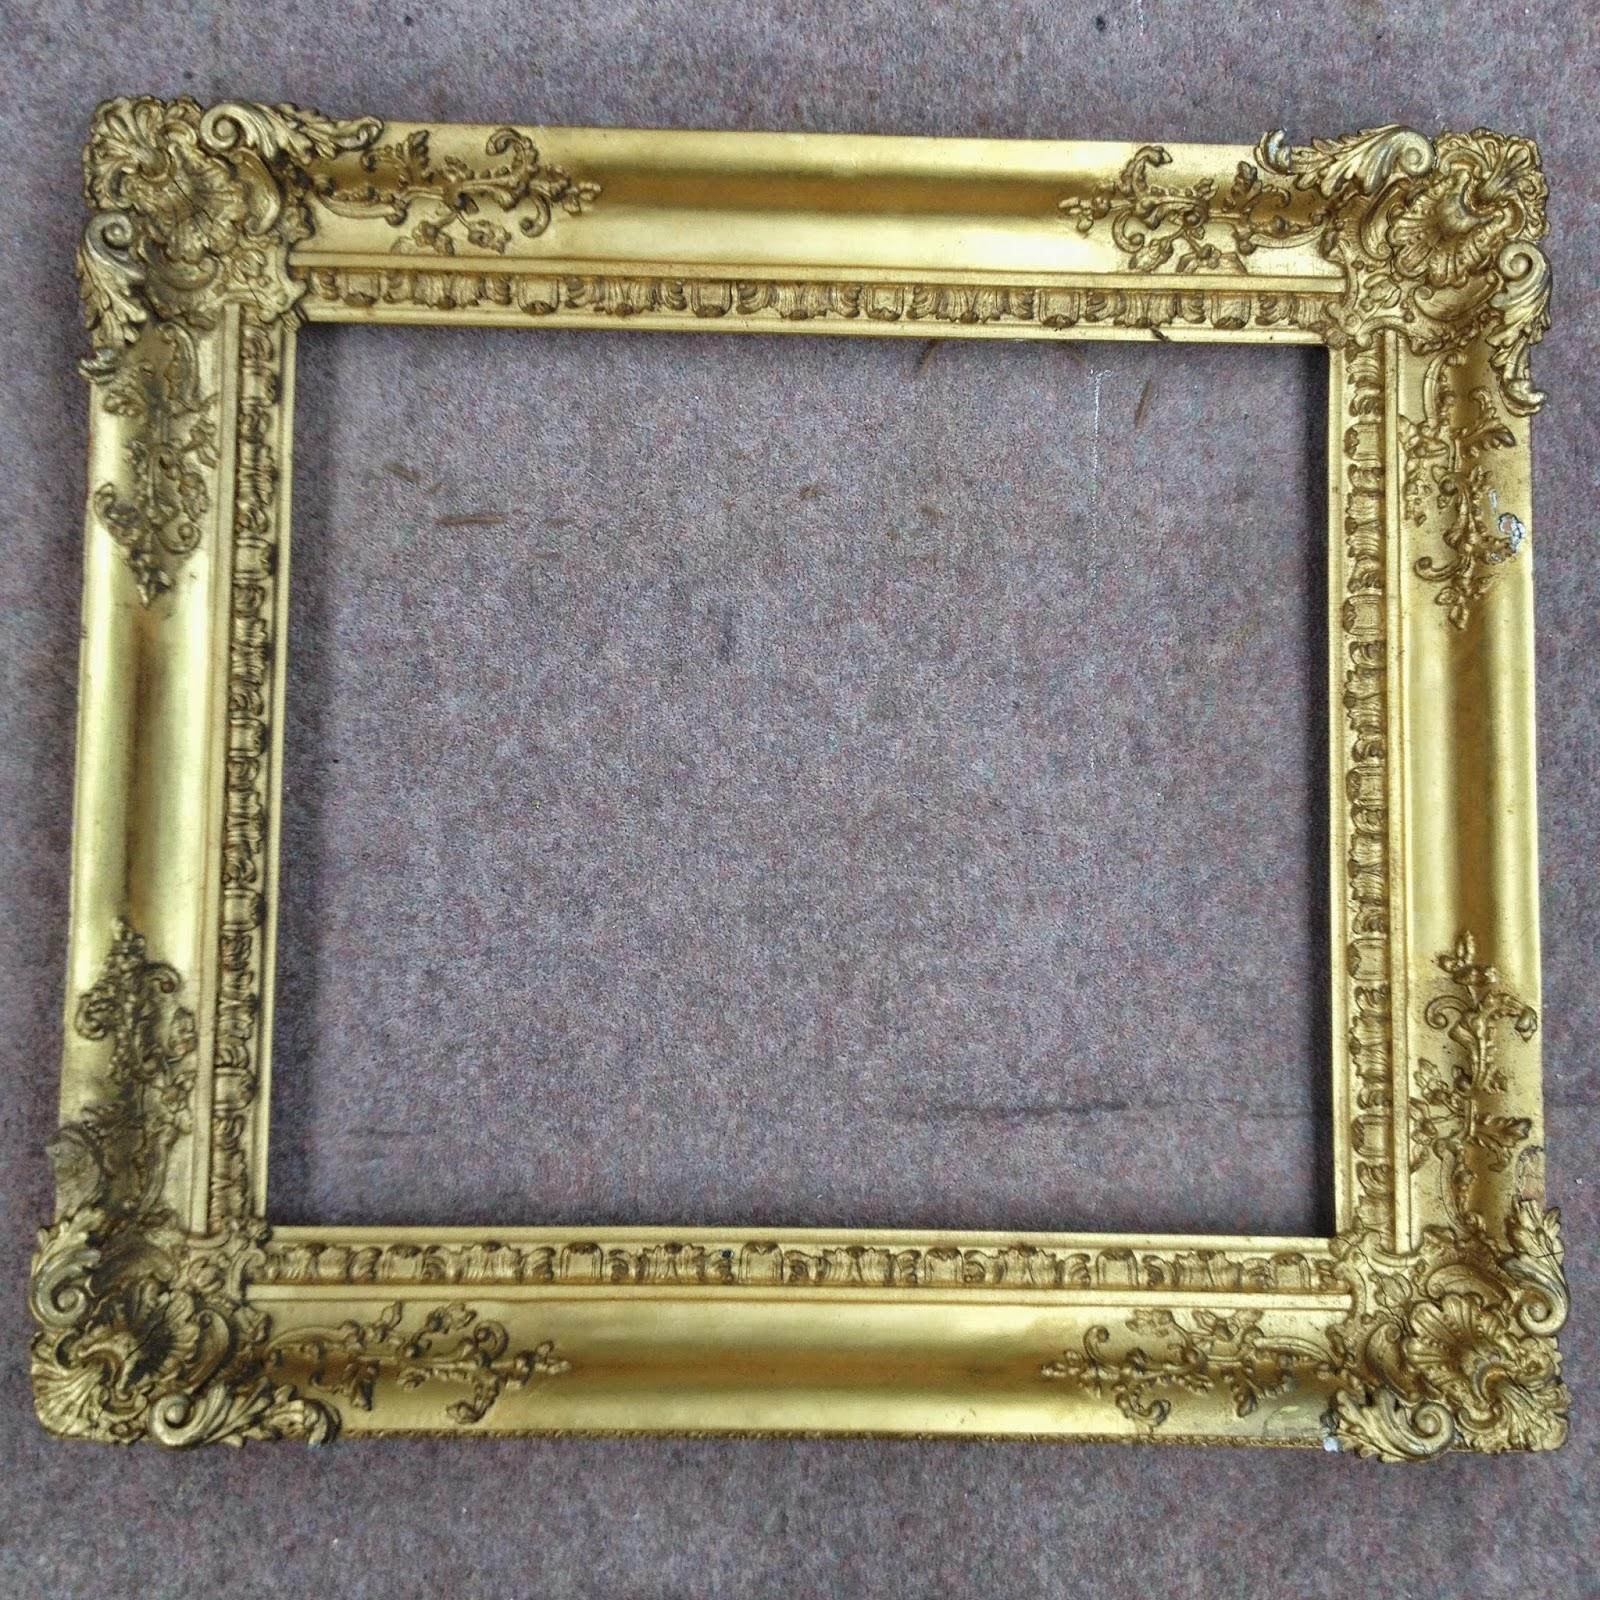 Framemaker antique 20 x 24 frames antique 20 x 24 frames jeuxipadfo Choice Image